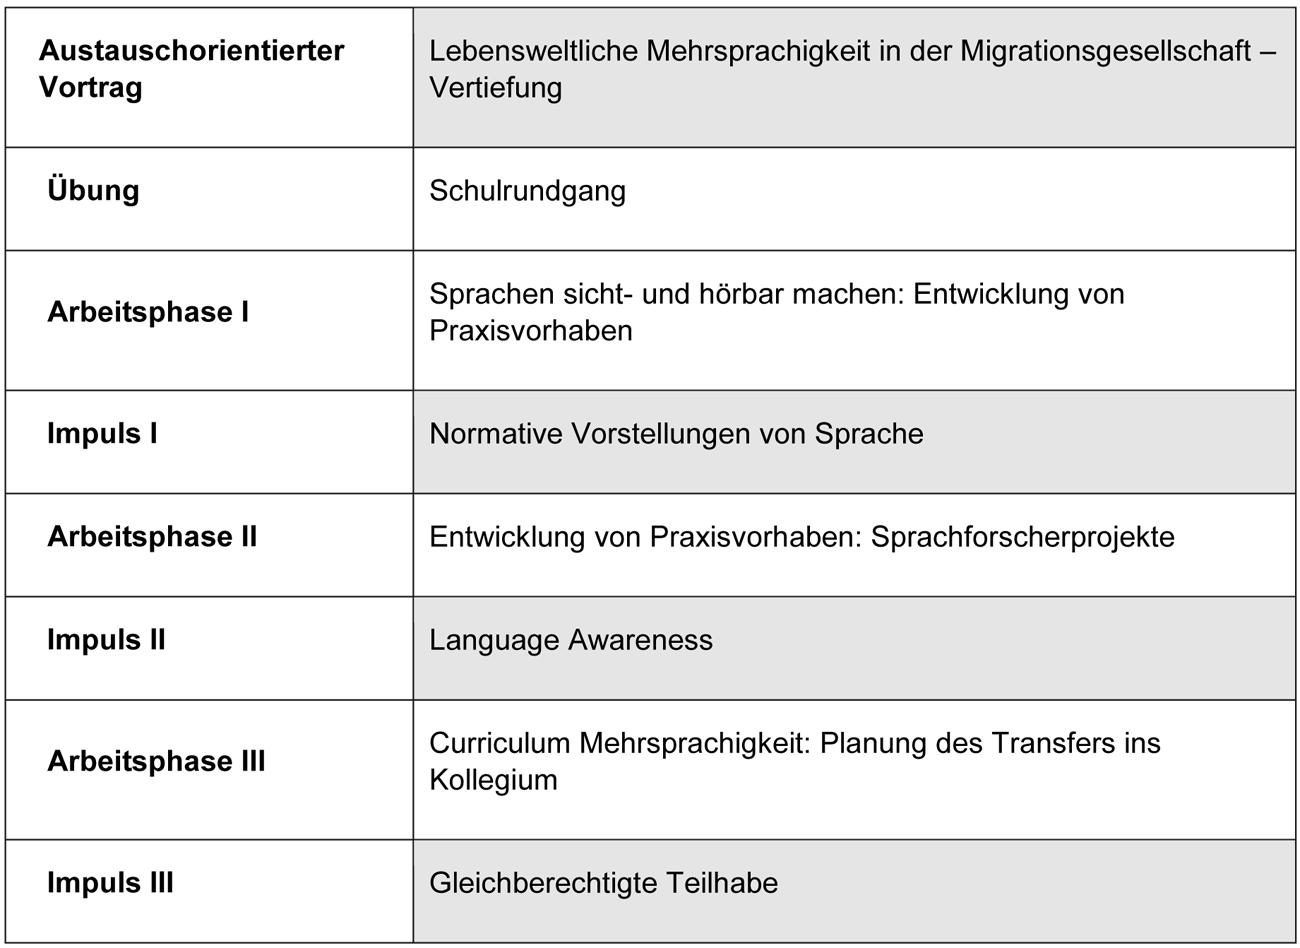 """Der Qualifizierungstag beginnt mit einem austauschorientierten Vortrag, der das Thema """"Lebensweltliche Mehrsprachigkeit in der Migrationsgesellschaft"""" vertieft. Es folgt die ge-meinsame Übung """"Schulrundgang"""". Im weiteren Verlauf wechseln sich Arbeitsphasen und Impulse zu folgenden Inhalten und Themen ab: Sprachen sicht- und hörbar machen (Ent-wicklung von Praxisvorhaben); Normative Vorstellungen von Sprache; Entwicklung von Praxisvorhaben (Sprachforscherprojekte); Language Awareness; Curriculum Mehrsprachig-keit: Planung des Transfers ins Kollegium; Gleichberechtigte Teilhabe."""